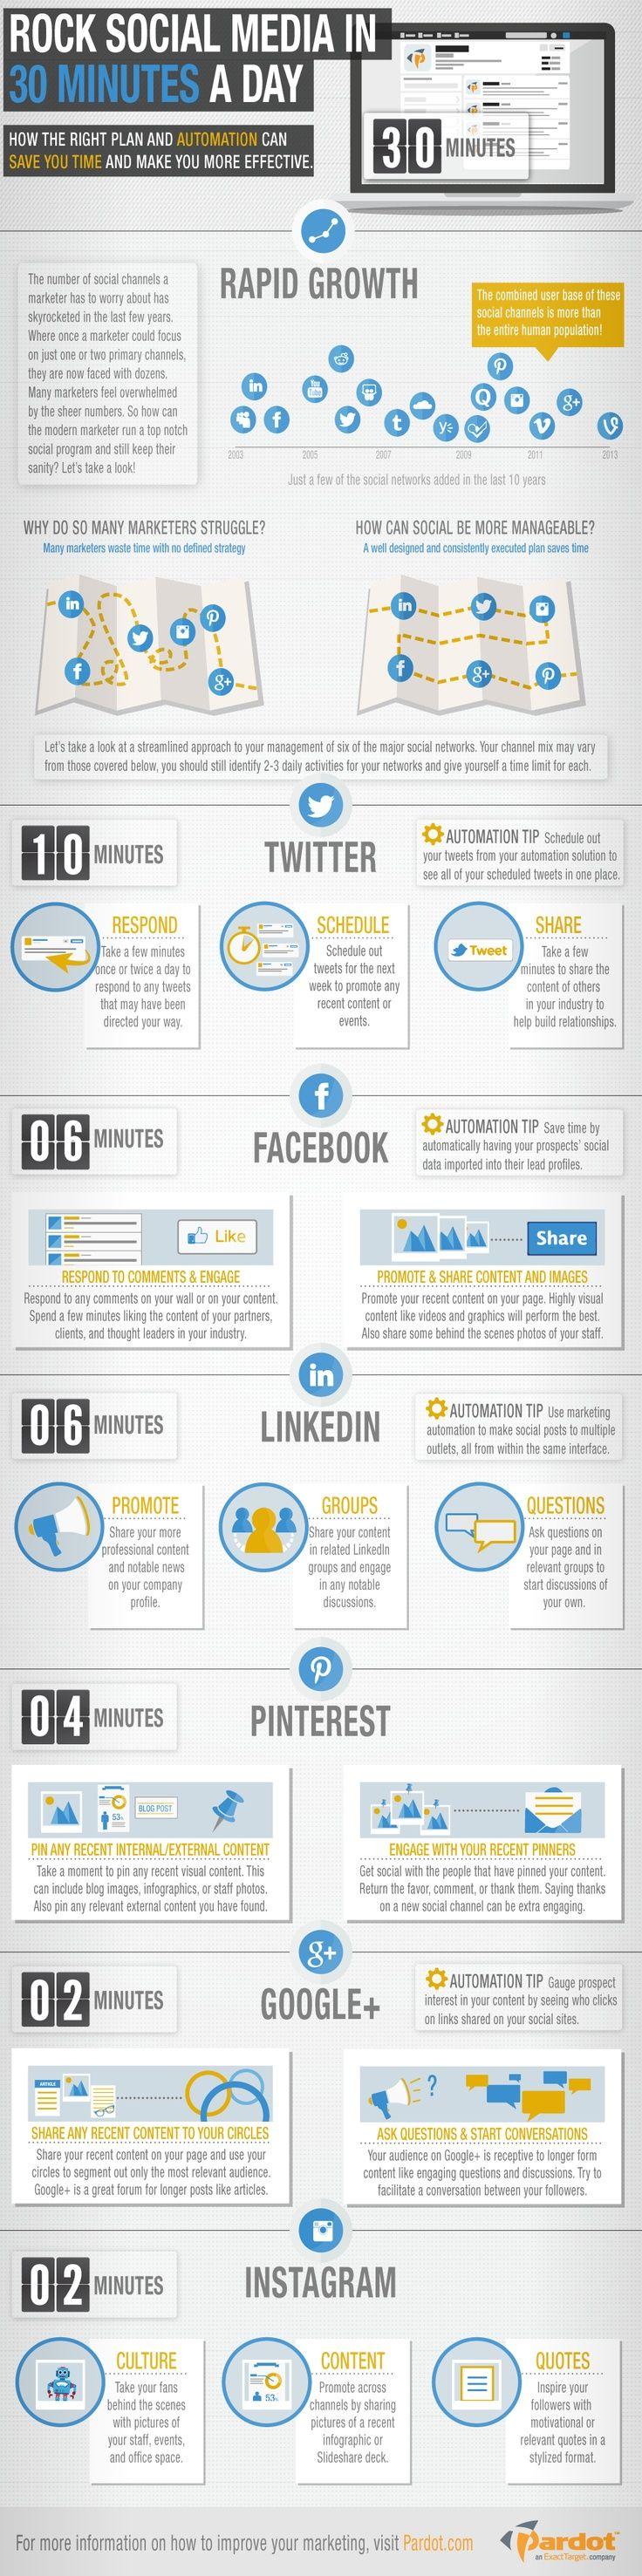 Rocking Social Media: Work Smarter, Not Harder